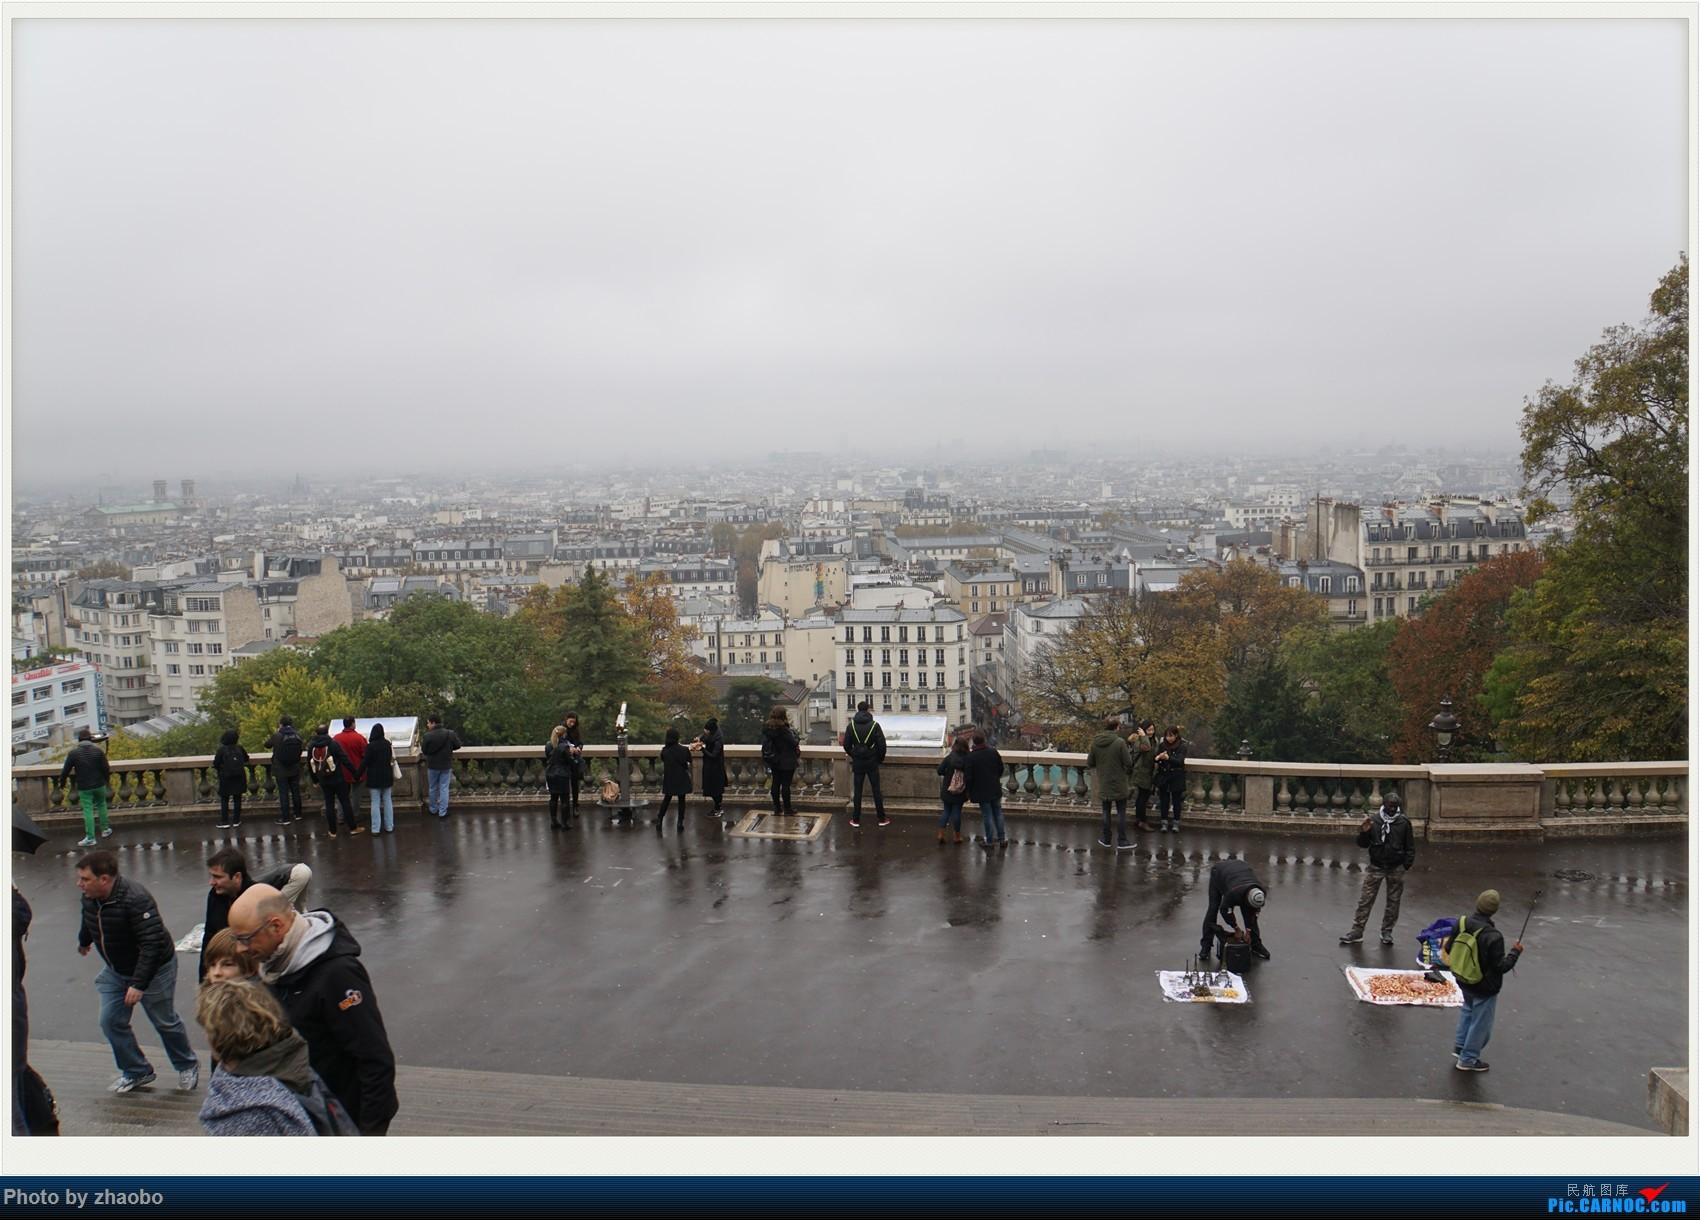 Re:[原创]从北到南游欧洲:东航去国航返,巴黎罗马双城记,感受最宁静的巴黎圣母院和令人震撼的梵蒂冈博物馆